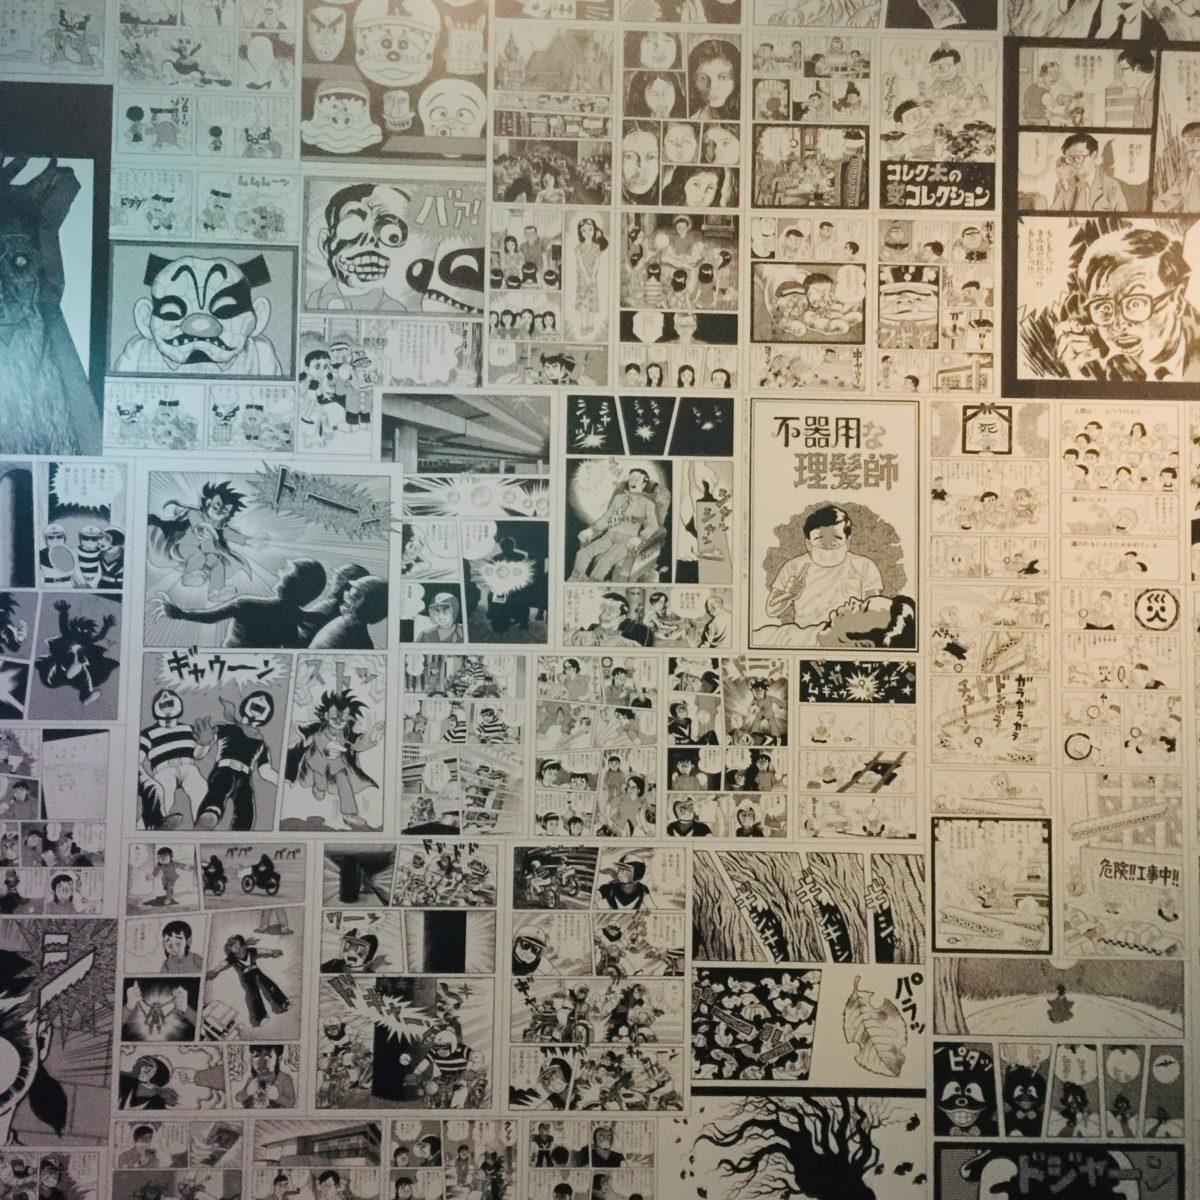 「藤子不二雄Ⓐ展」での短編集のパネル展示